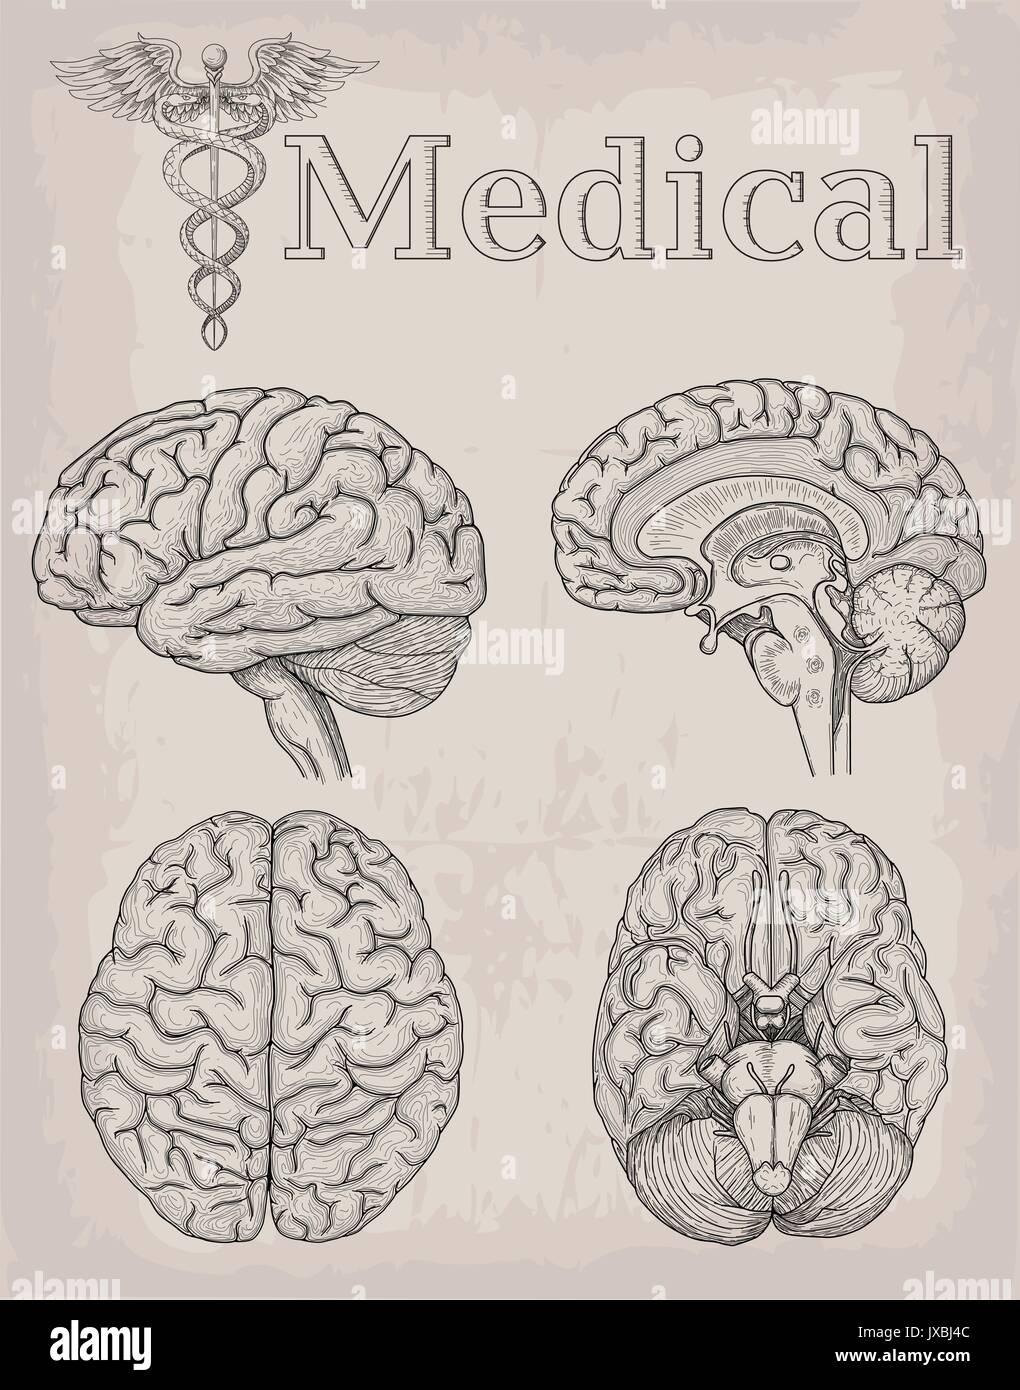 Anatomische Gehirn Orgel Abbildung. Medizin, Vector Illustration ...